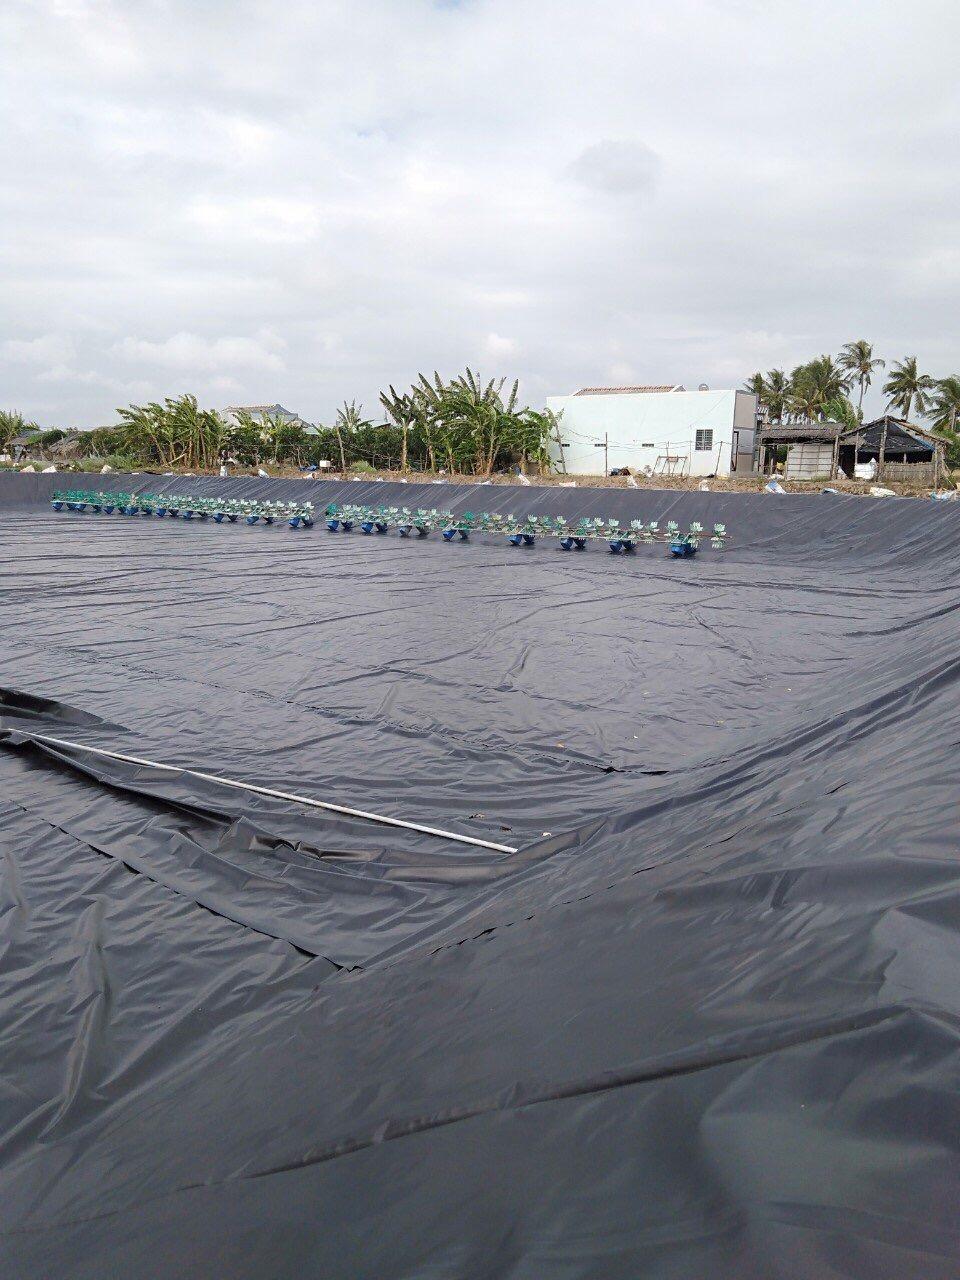 Bạt Trải Ao Nuôi Tôm Giá Rẻ - Màng HDPE Lót Hồ Nuôi Tôm, Nuôi Chồng Thủy Sản